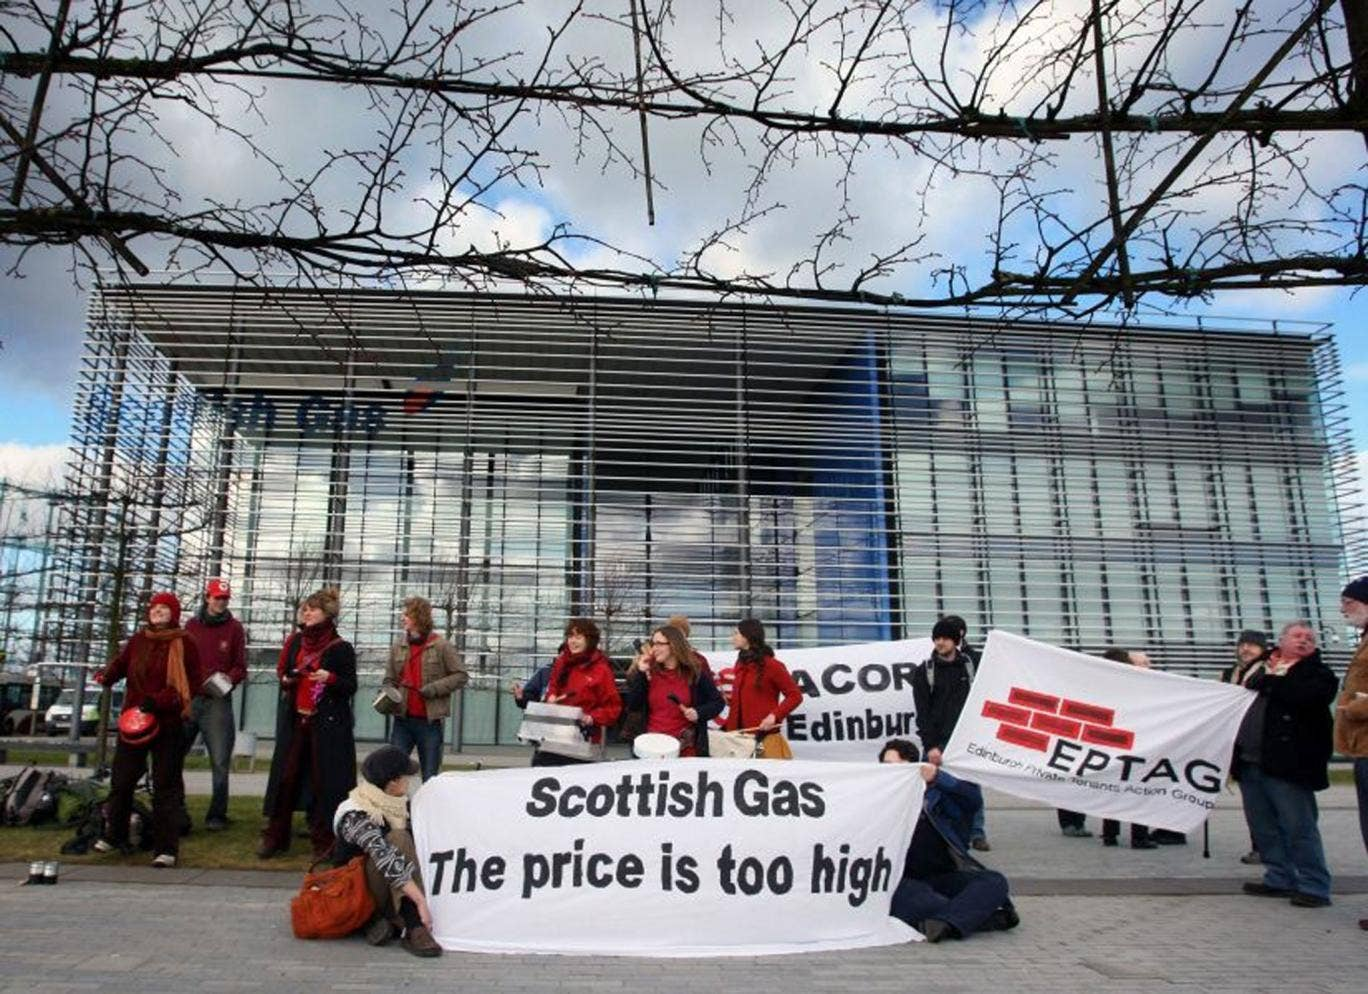 Demonstrators against rising energy bills make their point outside Scottish Gas HQ in Edinburgh yesterday